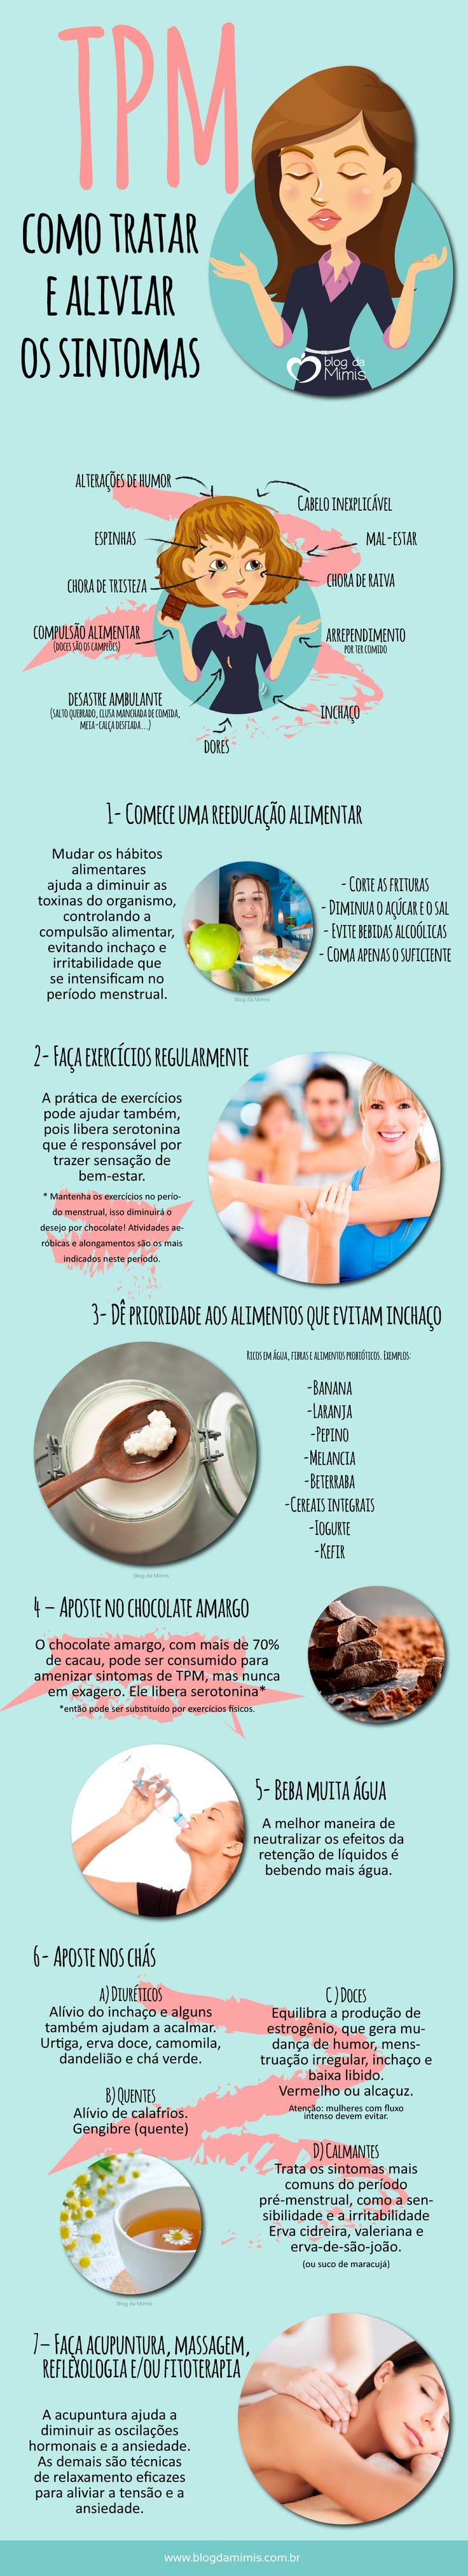 TPM: como tratar e aliviar os sintomas - Blog da Mimis #TPM #mulher #sintomas #hormonal #menstrual #dieta #inchaço #alimentação